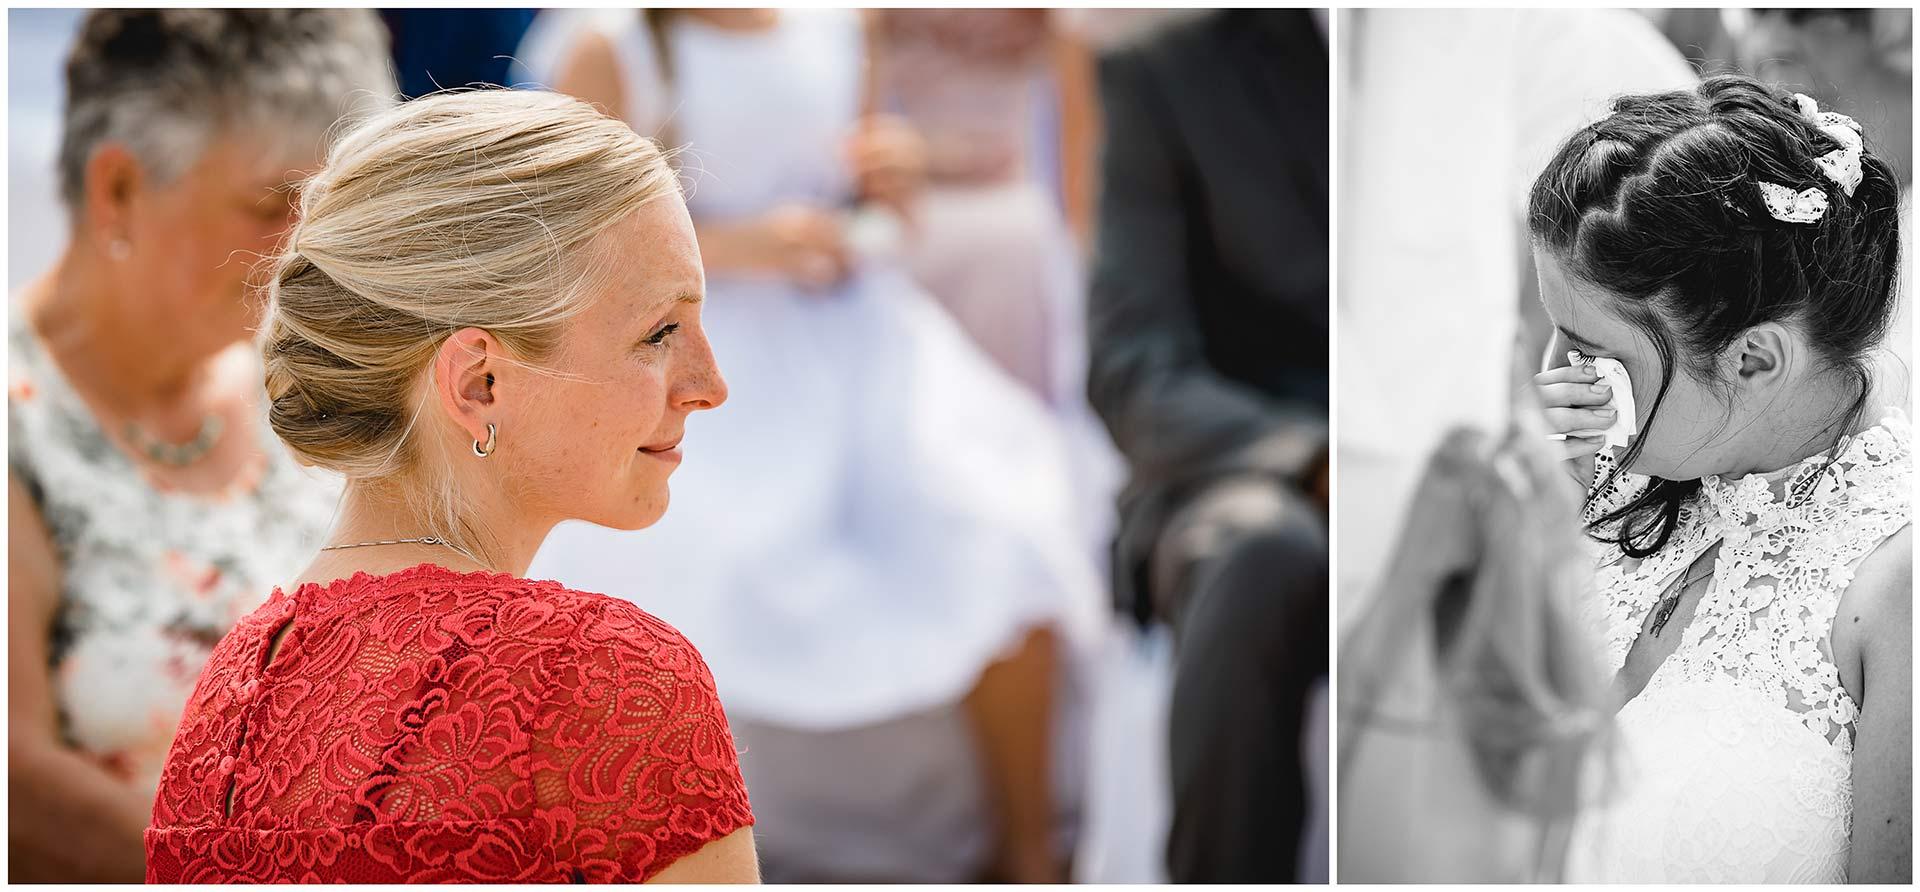 Foto-1_Portraitfoto-der-Trauzeugin_Foto-2_Braut-wischt-sich-die-Traenen-weg-Hochzeit-am-Strand-Hochzeitsfotograf-Warnemuende-Hochzeitsfotograf-Rostock-Hochzeitsfotograf-Ostseebad-Warnemuende